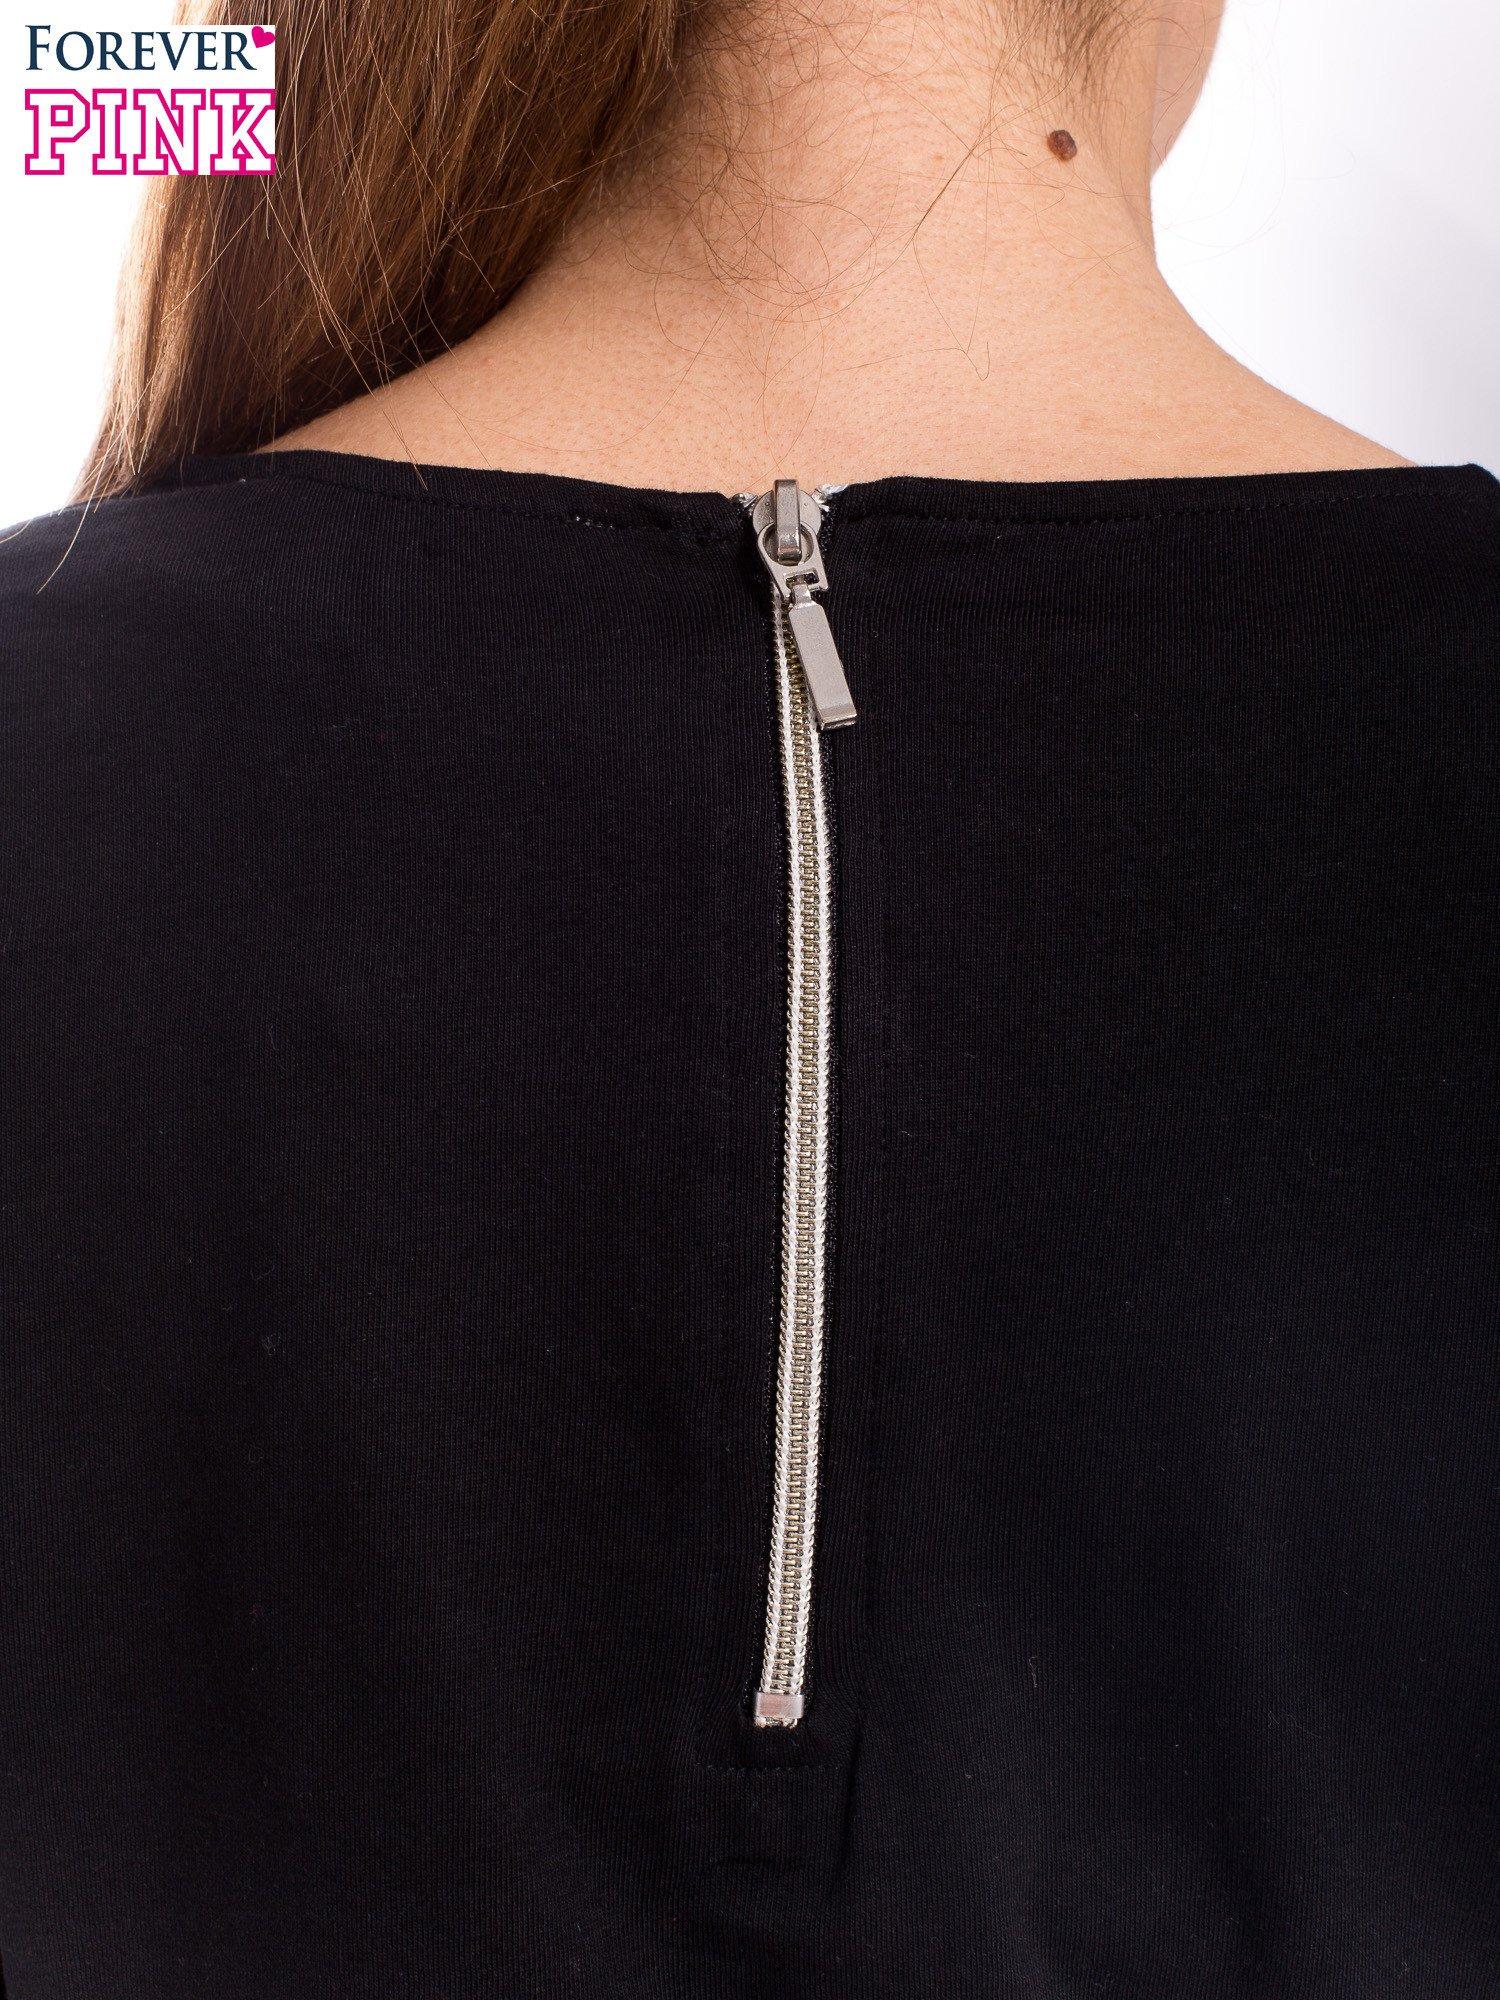 Czarna bluzka z egzotycznym liściem i zamkiem z tyłu                                  zdj.                                  4